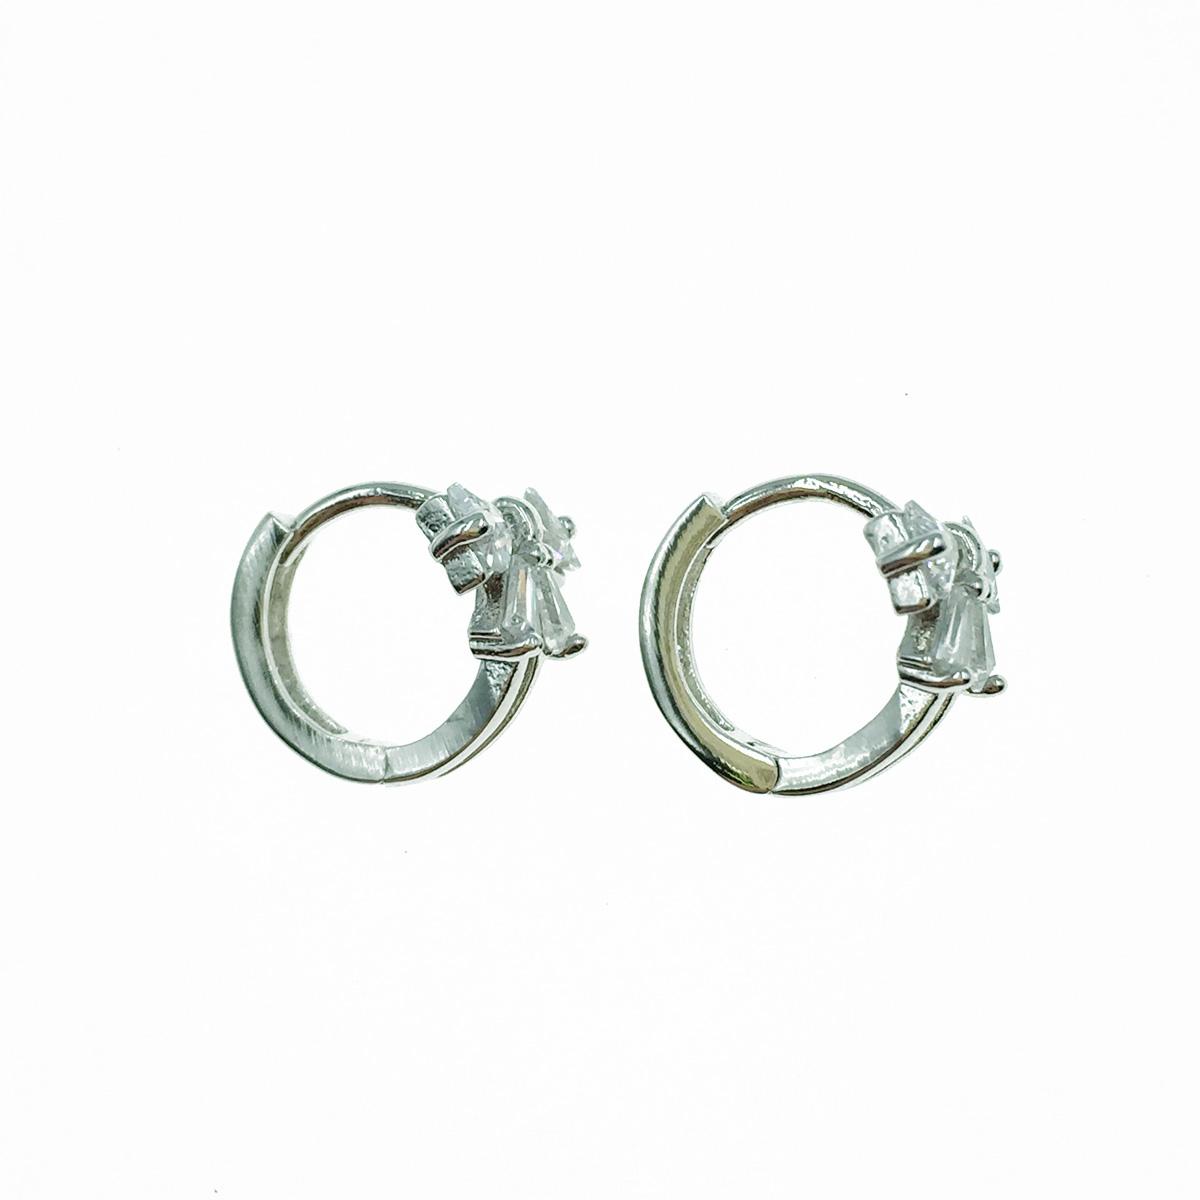 韓國 925純銀 蝴蝶結 水鑽 易扣式 耳針式耳環